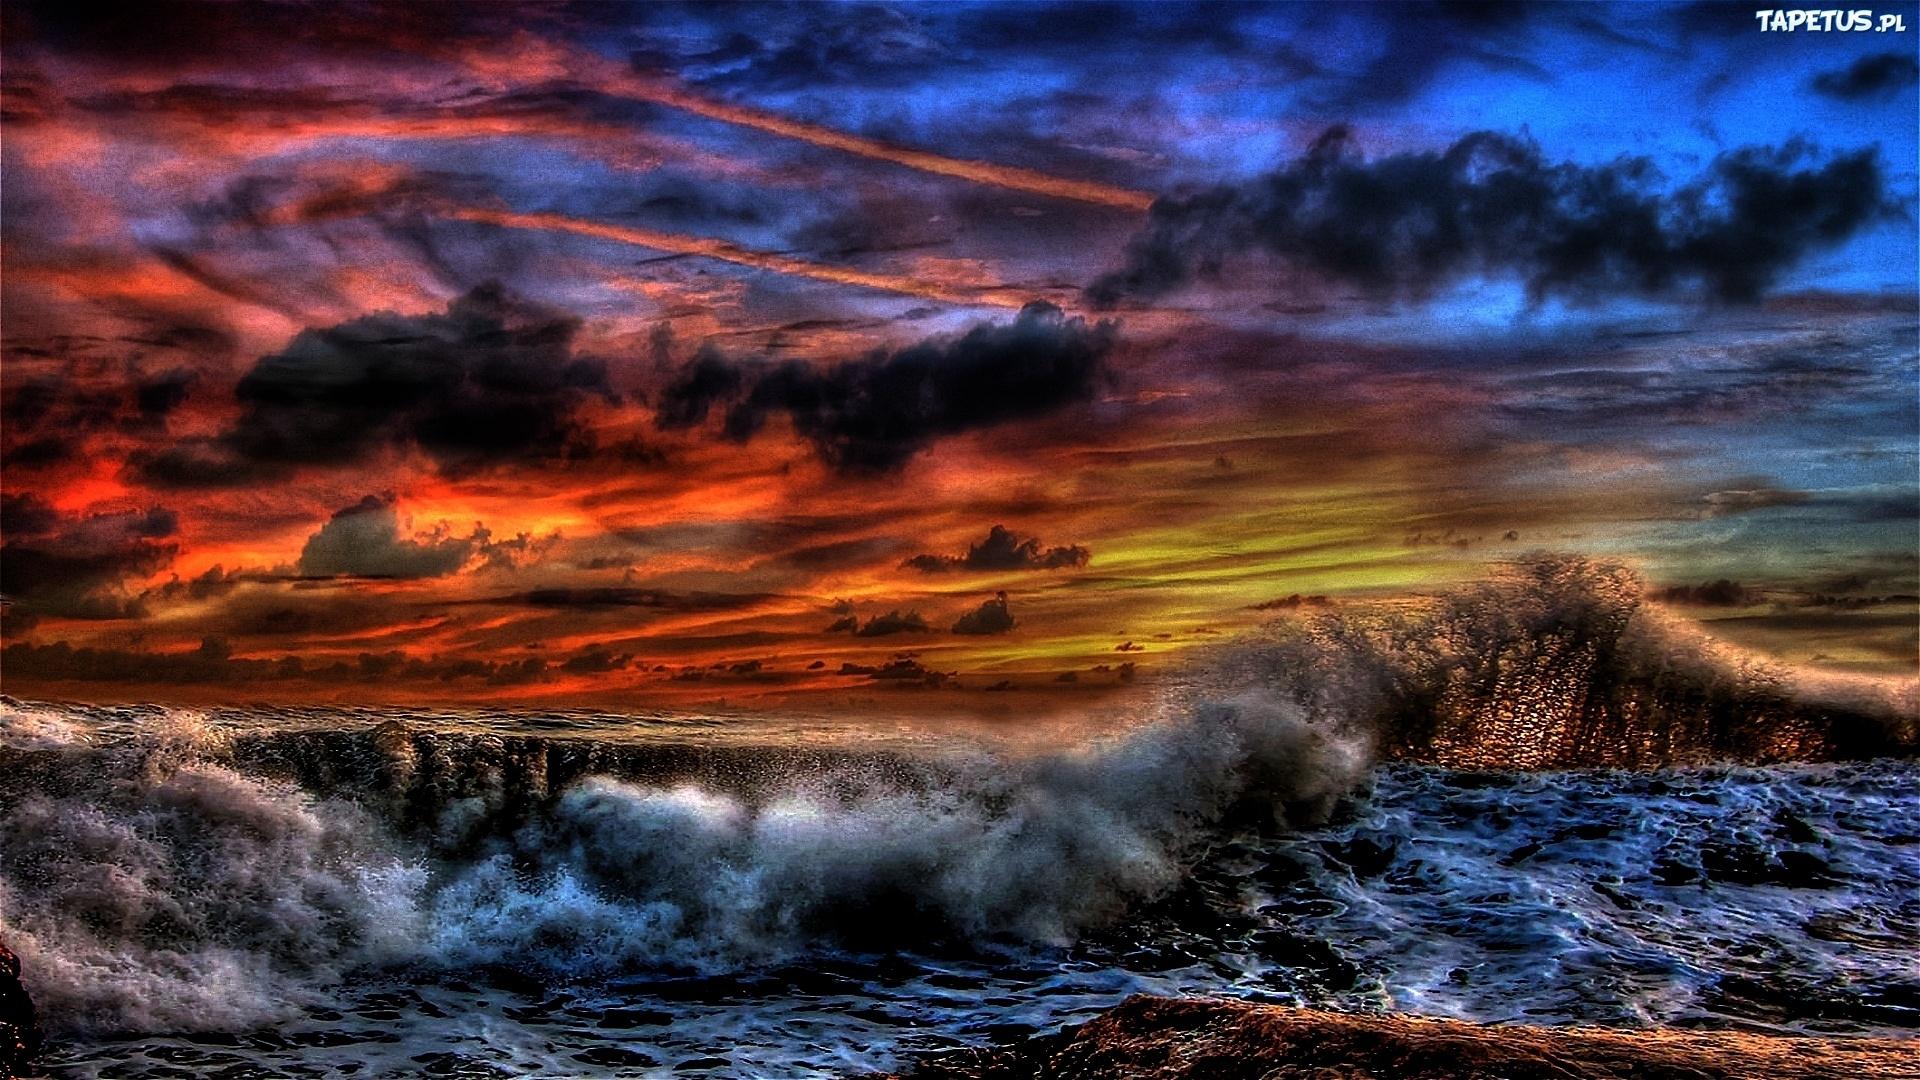 морской закат перед бурей бесплатно